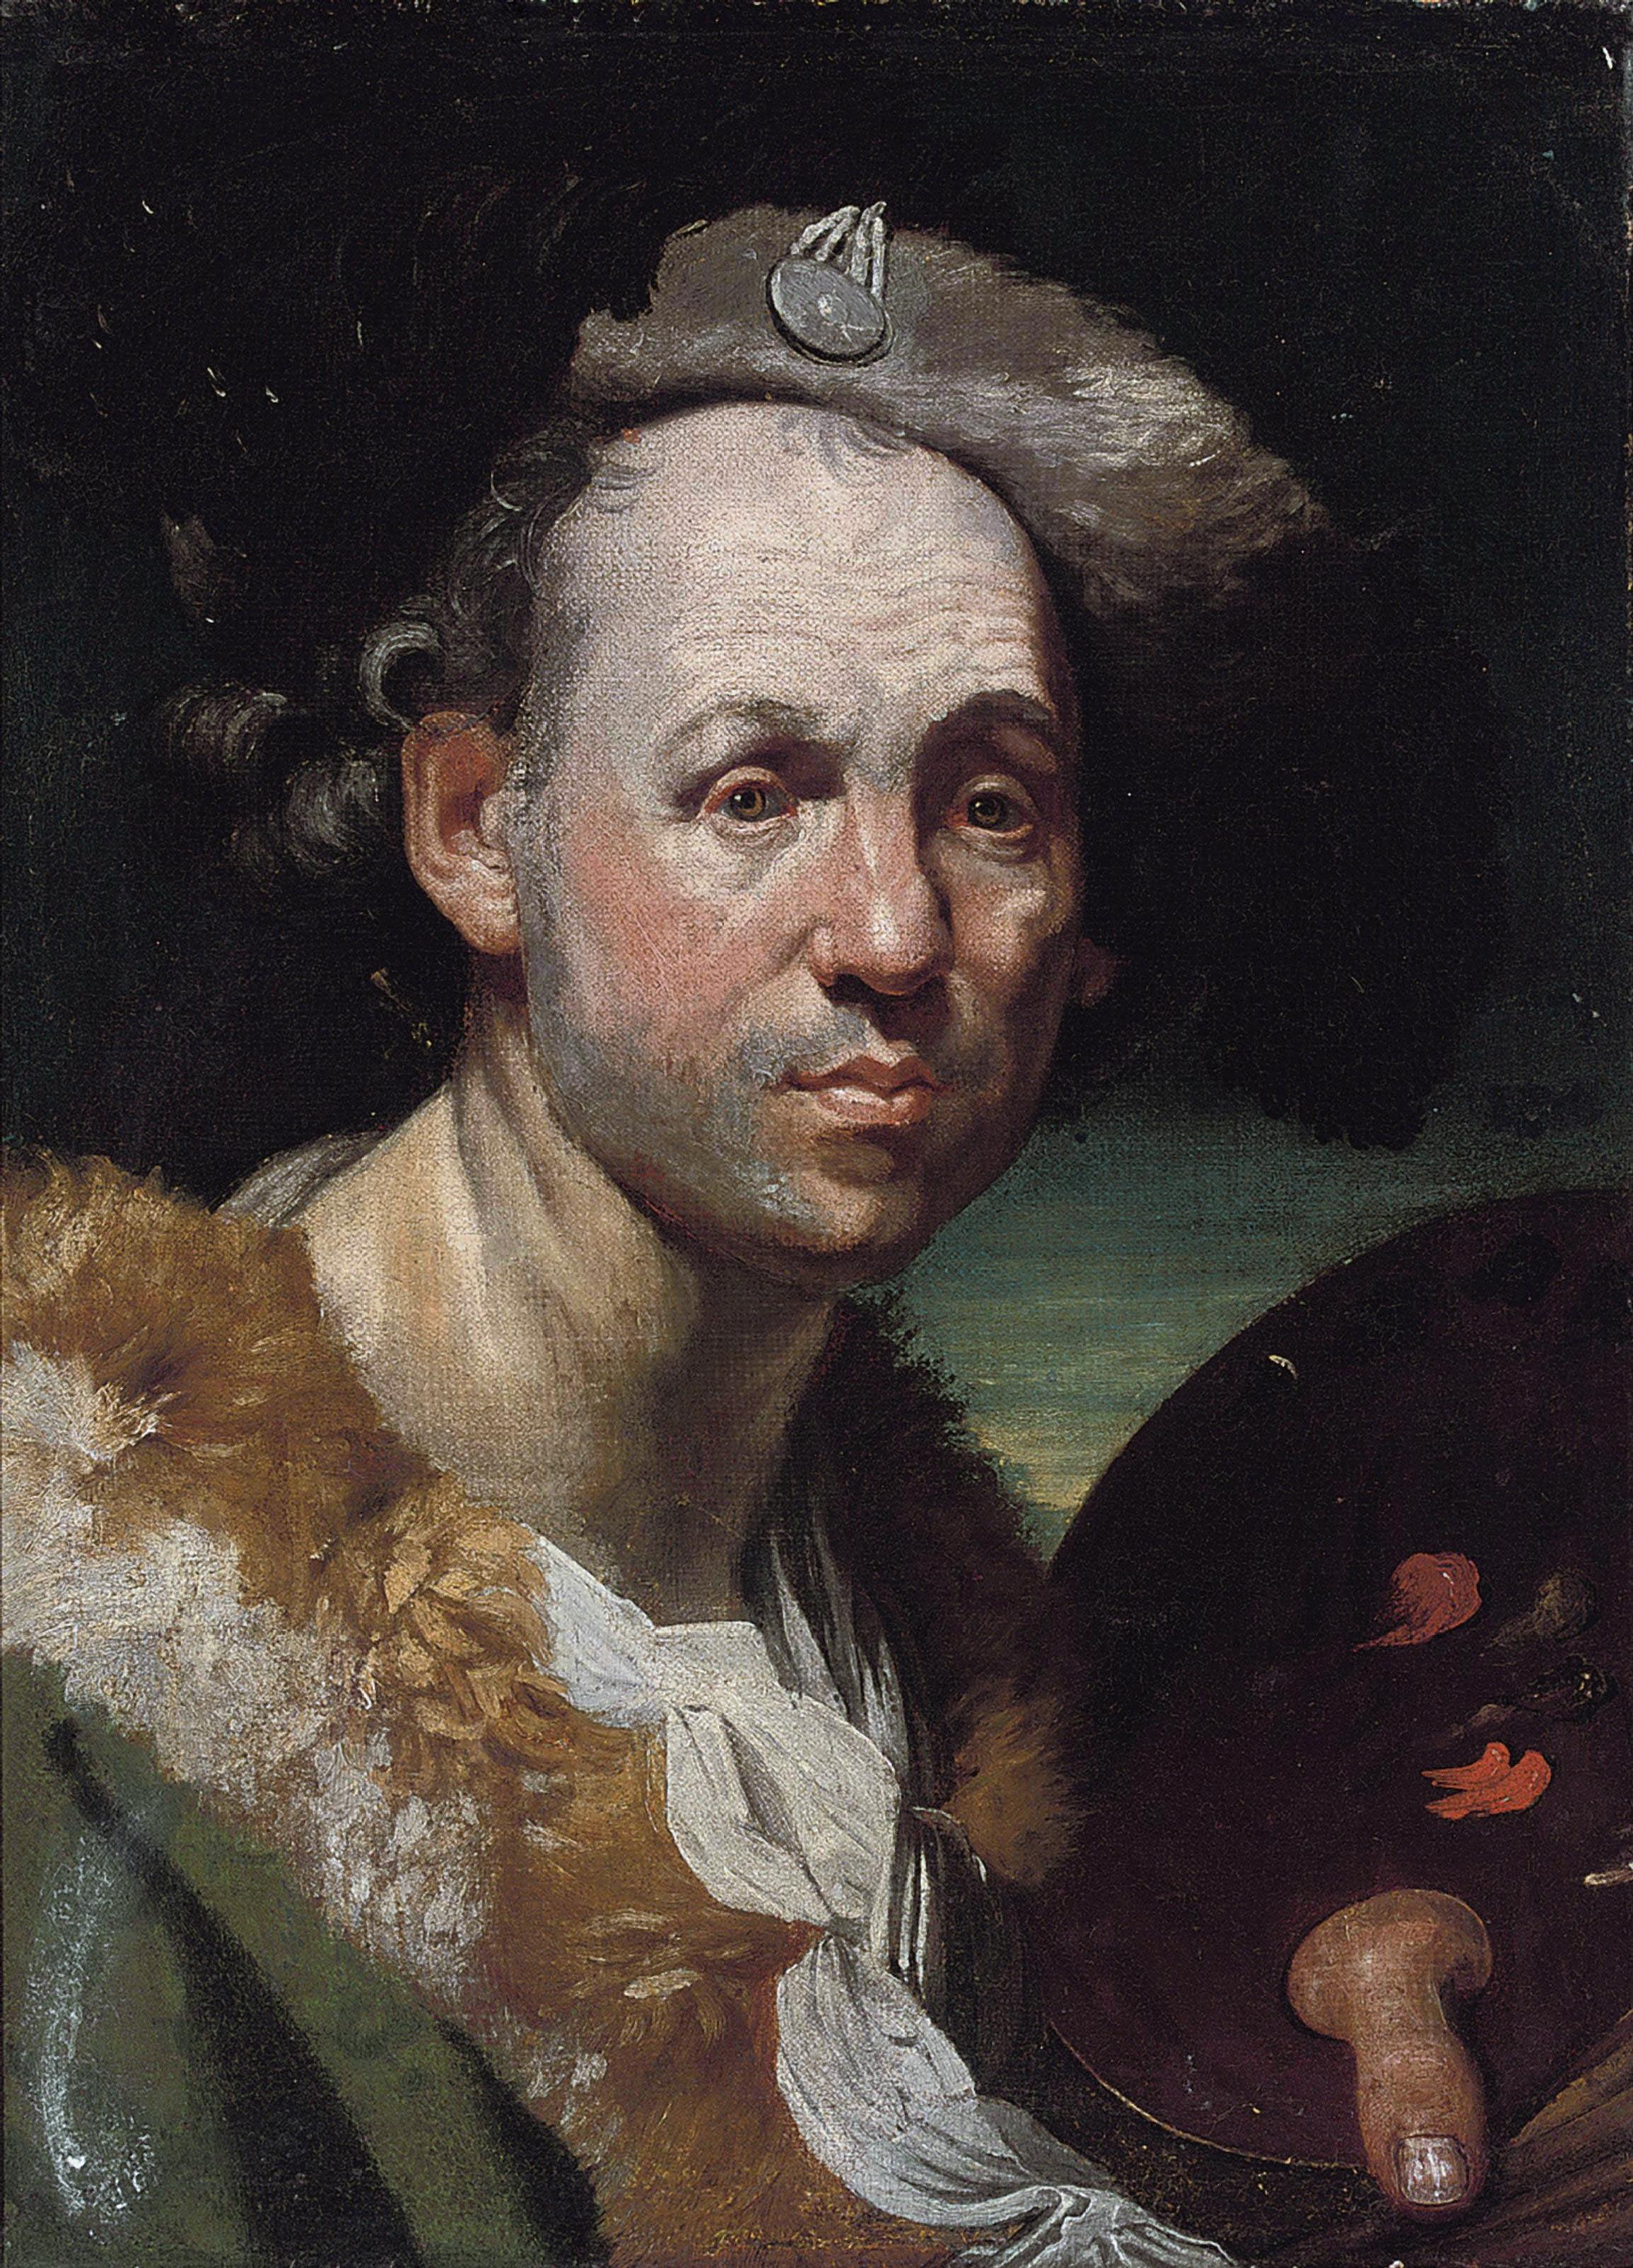 File:Portrait of the artist, follower of Johann Zoffany.jpg